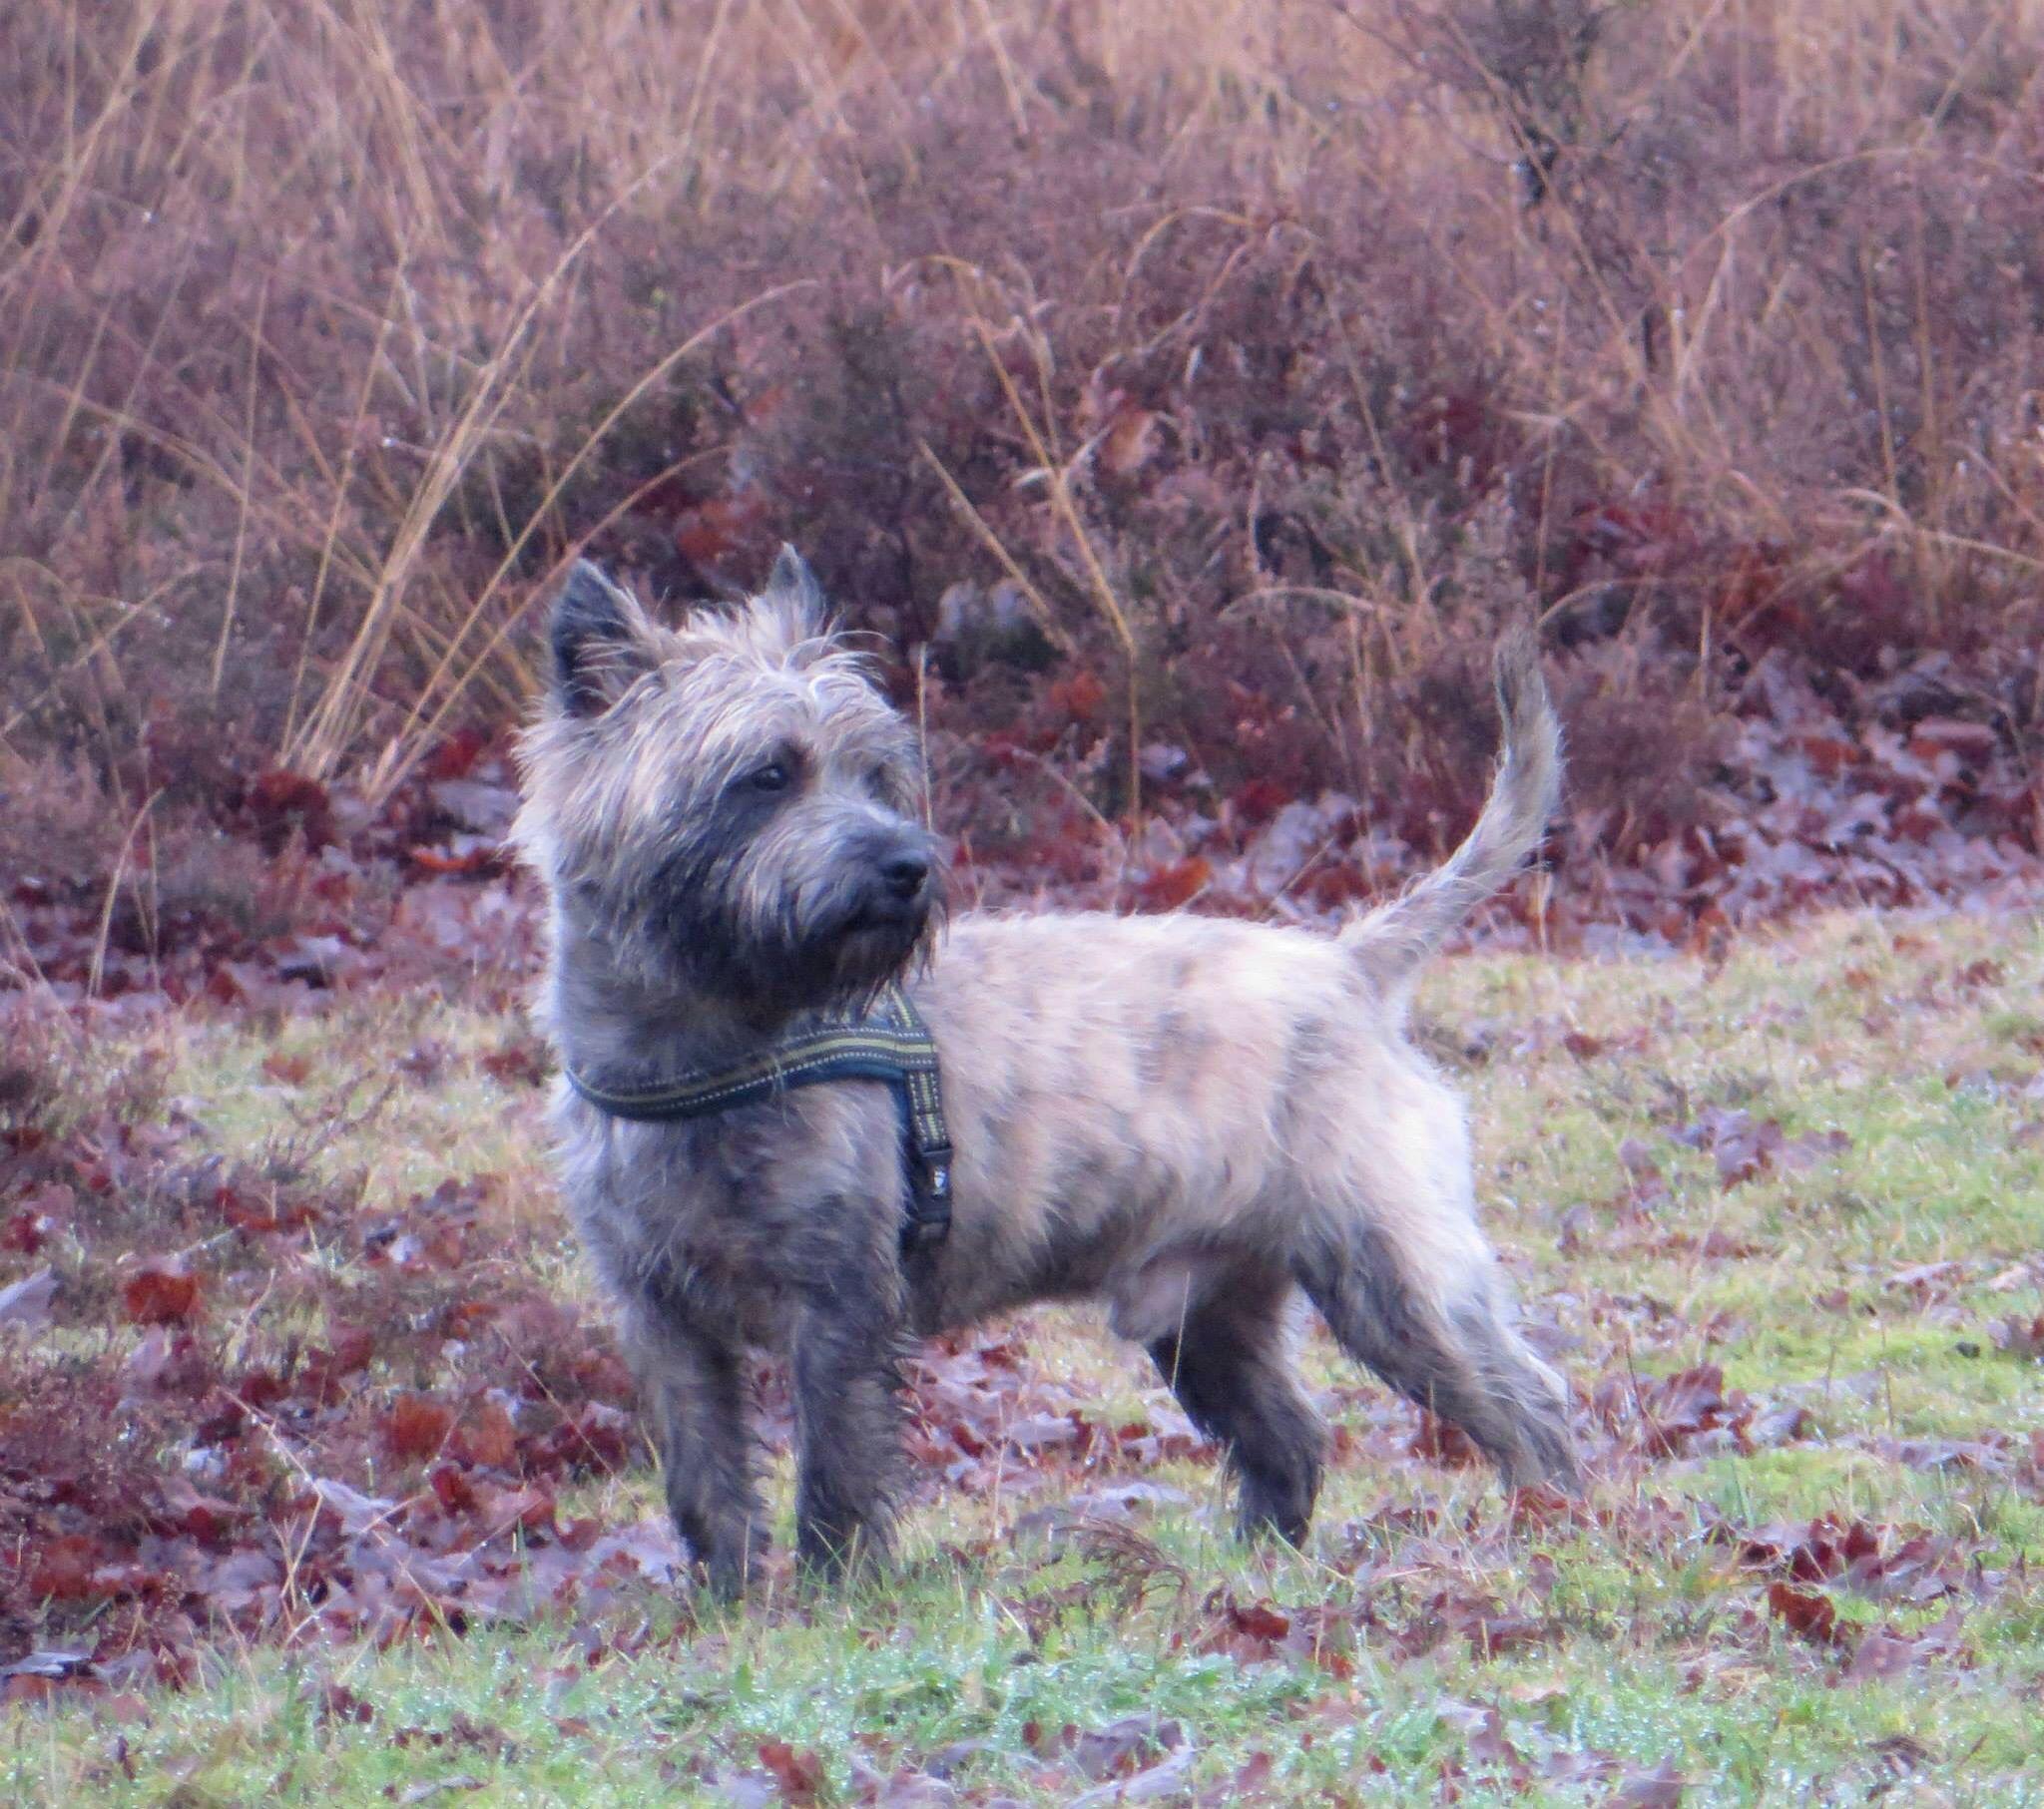 Cairn Buurse Twente Holland Cairn Terrier Little Dogs Cairn